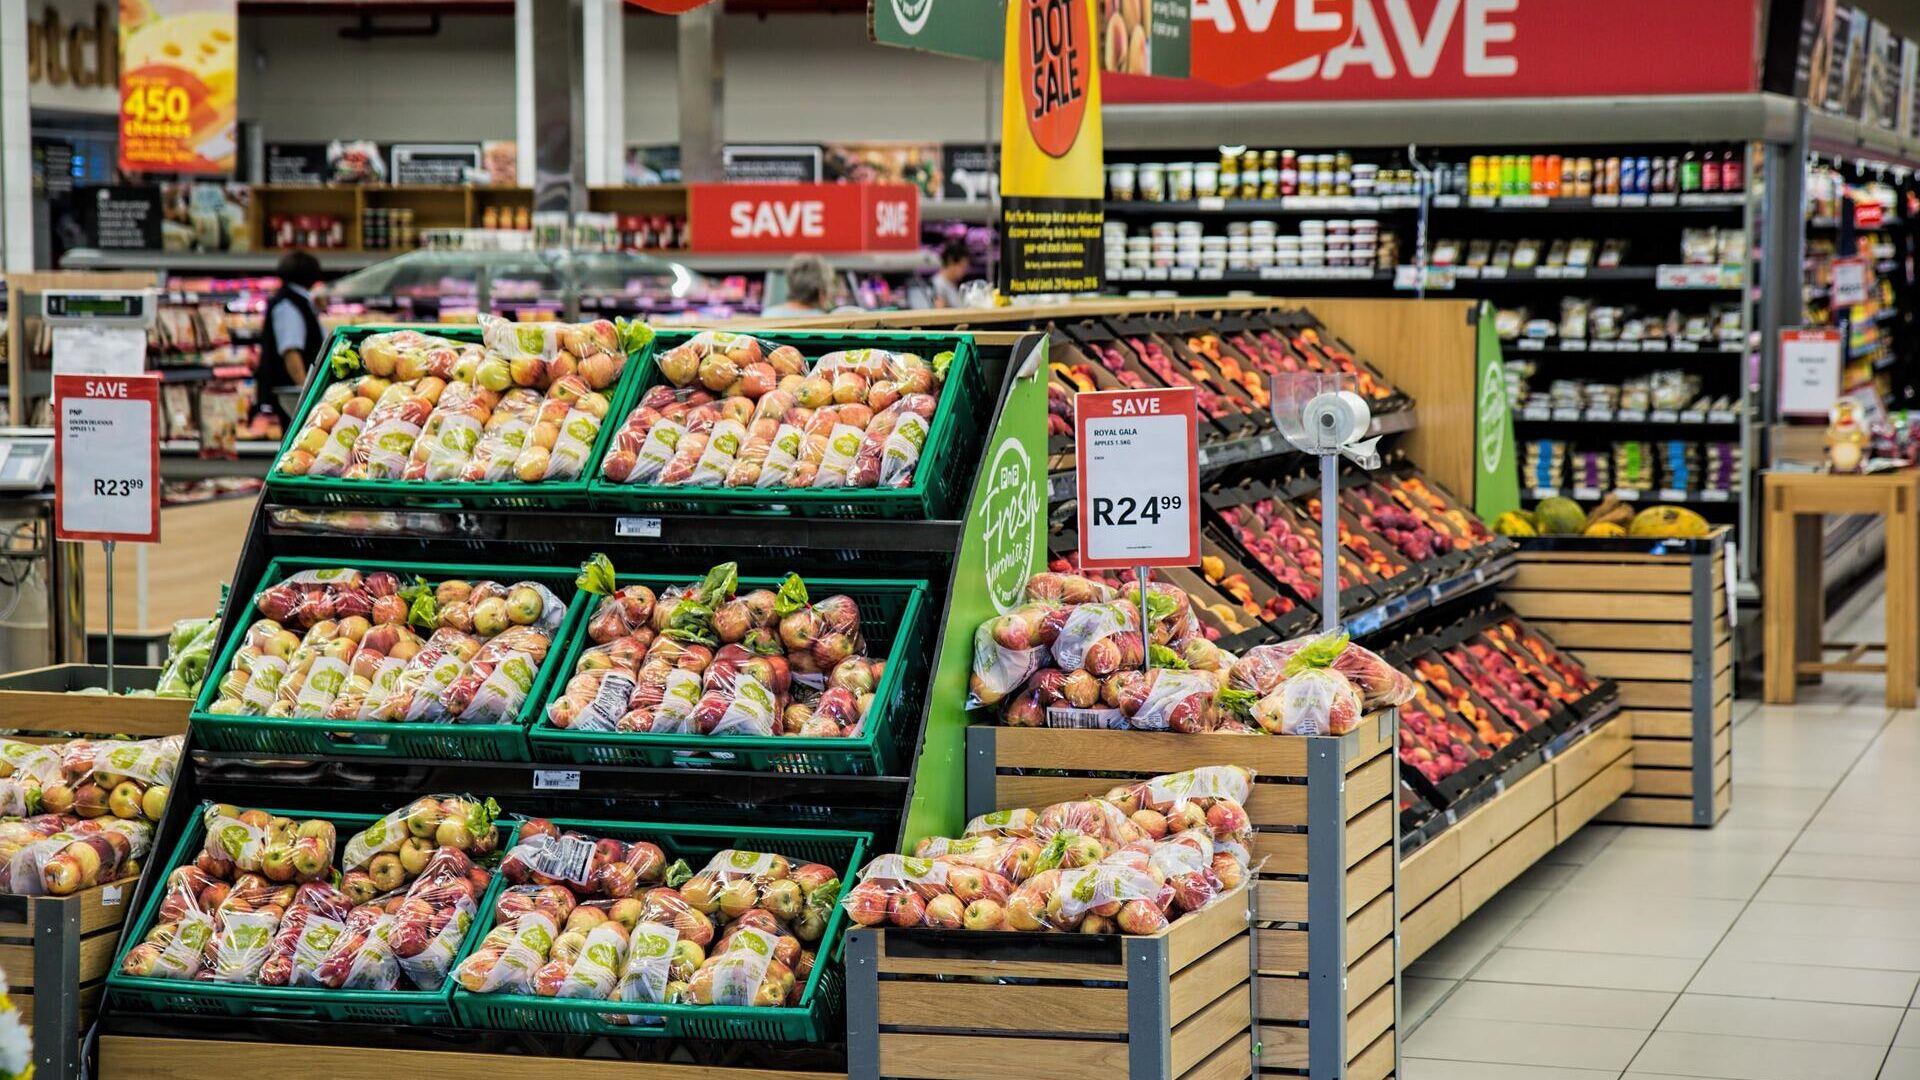 Росстат сообщил об увеличении выпуска продуктов питания в июне на 2,4%